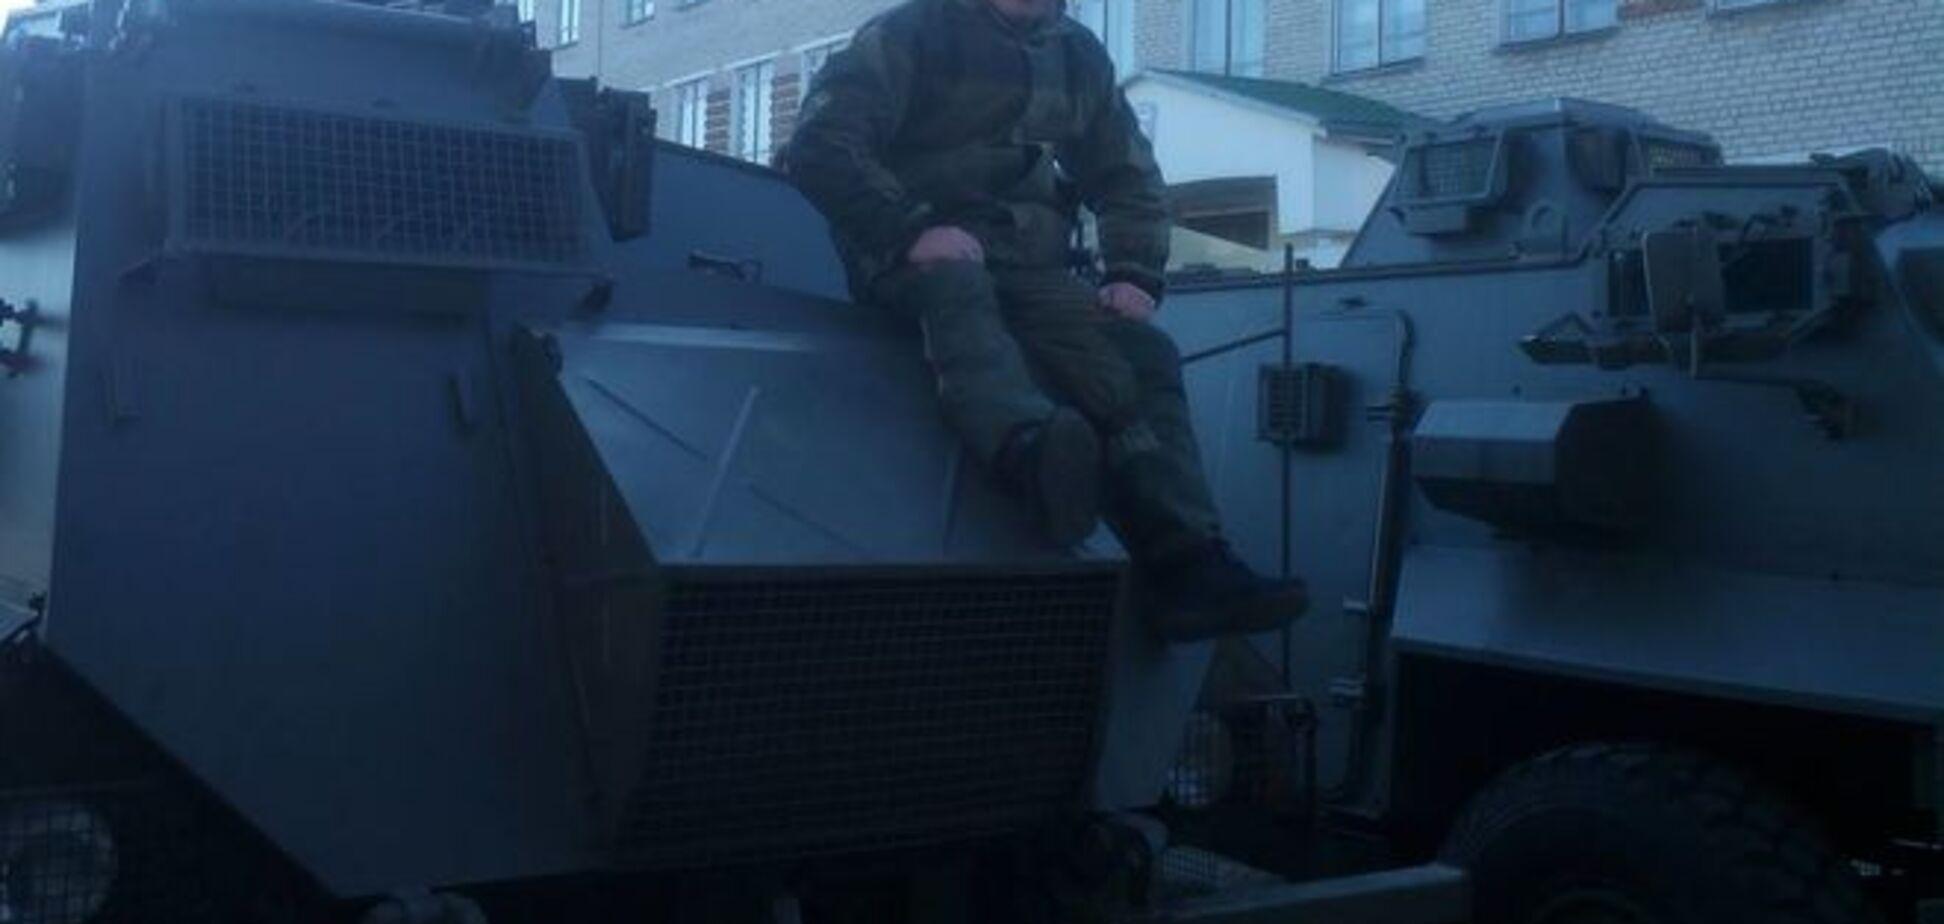 Бірюков відкрив таємницю про прибуття в Україну першої партії британських бронемашин: фотофакт